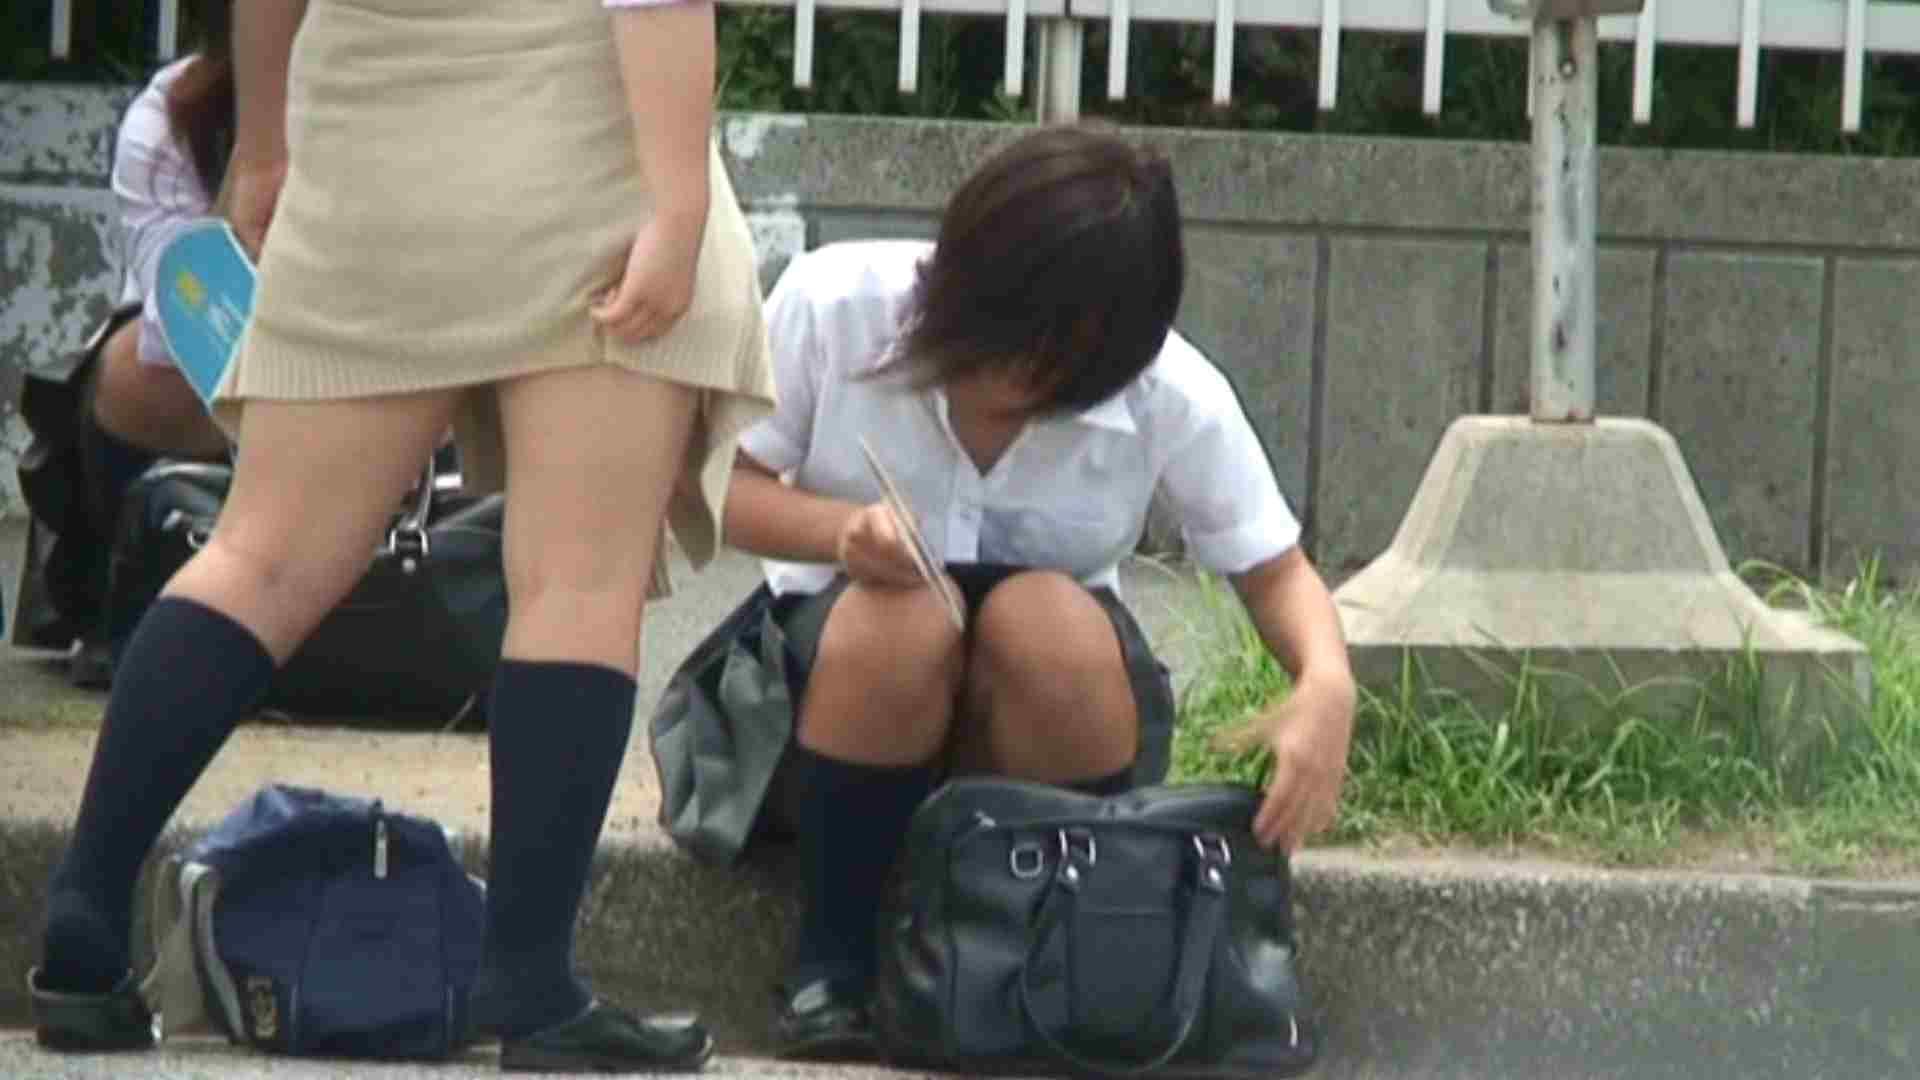 望遠パンチラNo11 学校 スケベ動画紹介 104枚